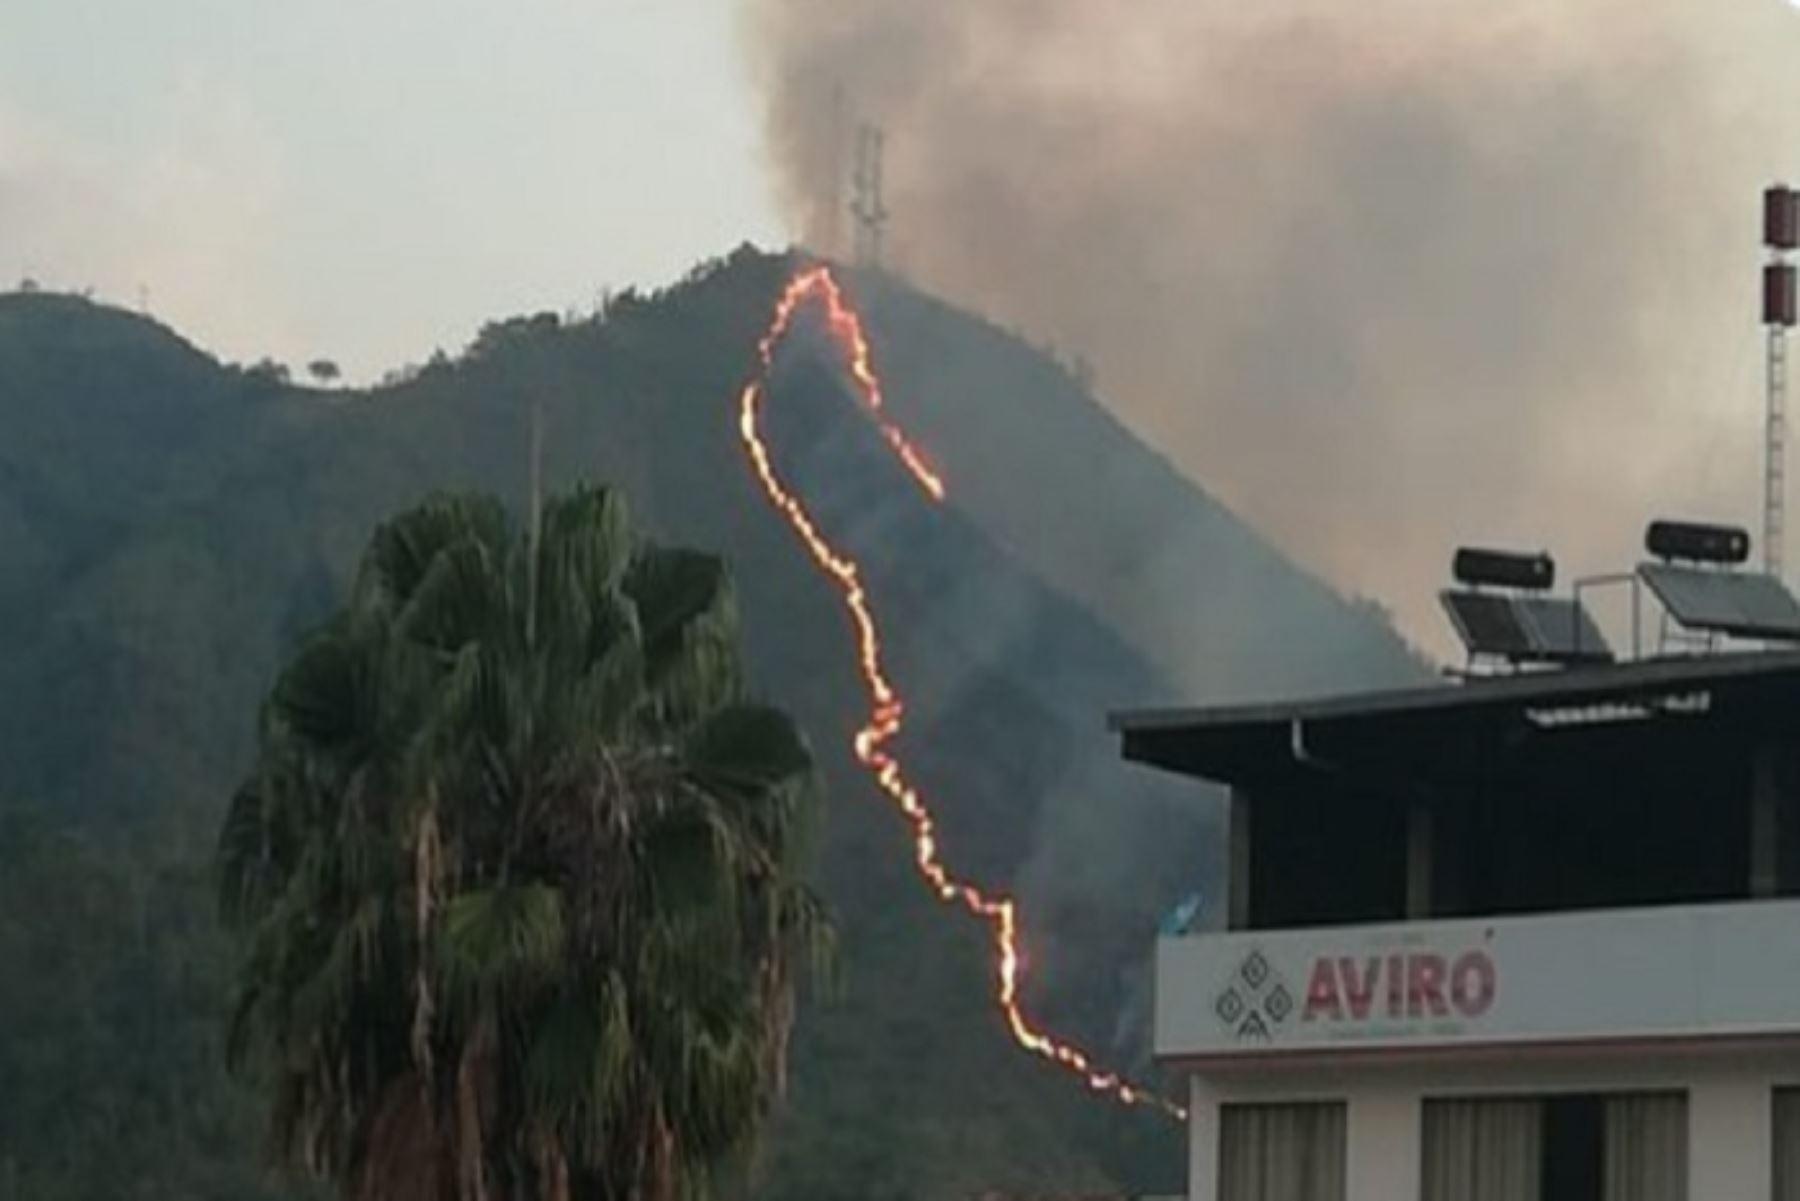 Personal de bomberos, de la Municipalidad de Chanchamayo y pobladores de la zona vienen trabajando en la extinción del incendio forestal que se inició esta tarde en el sector Vista alegre de la Merced (frente al sector Pampa el Carmen, en la ciudad de La Merced), del distrito y provincia de Chanchamayo.